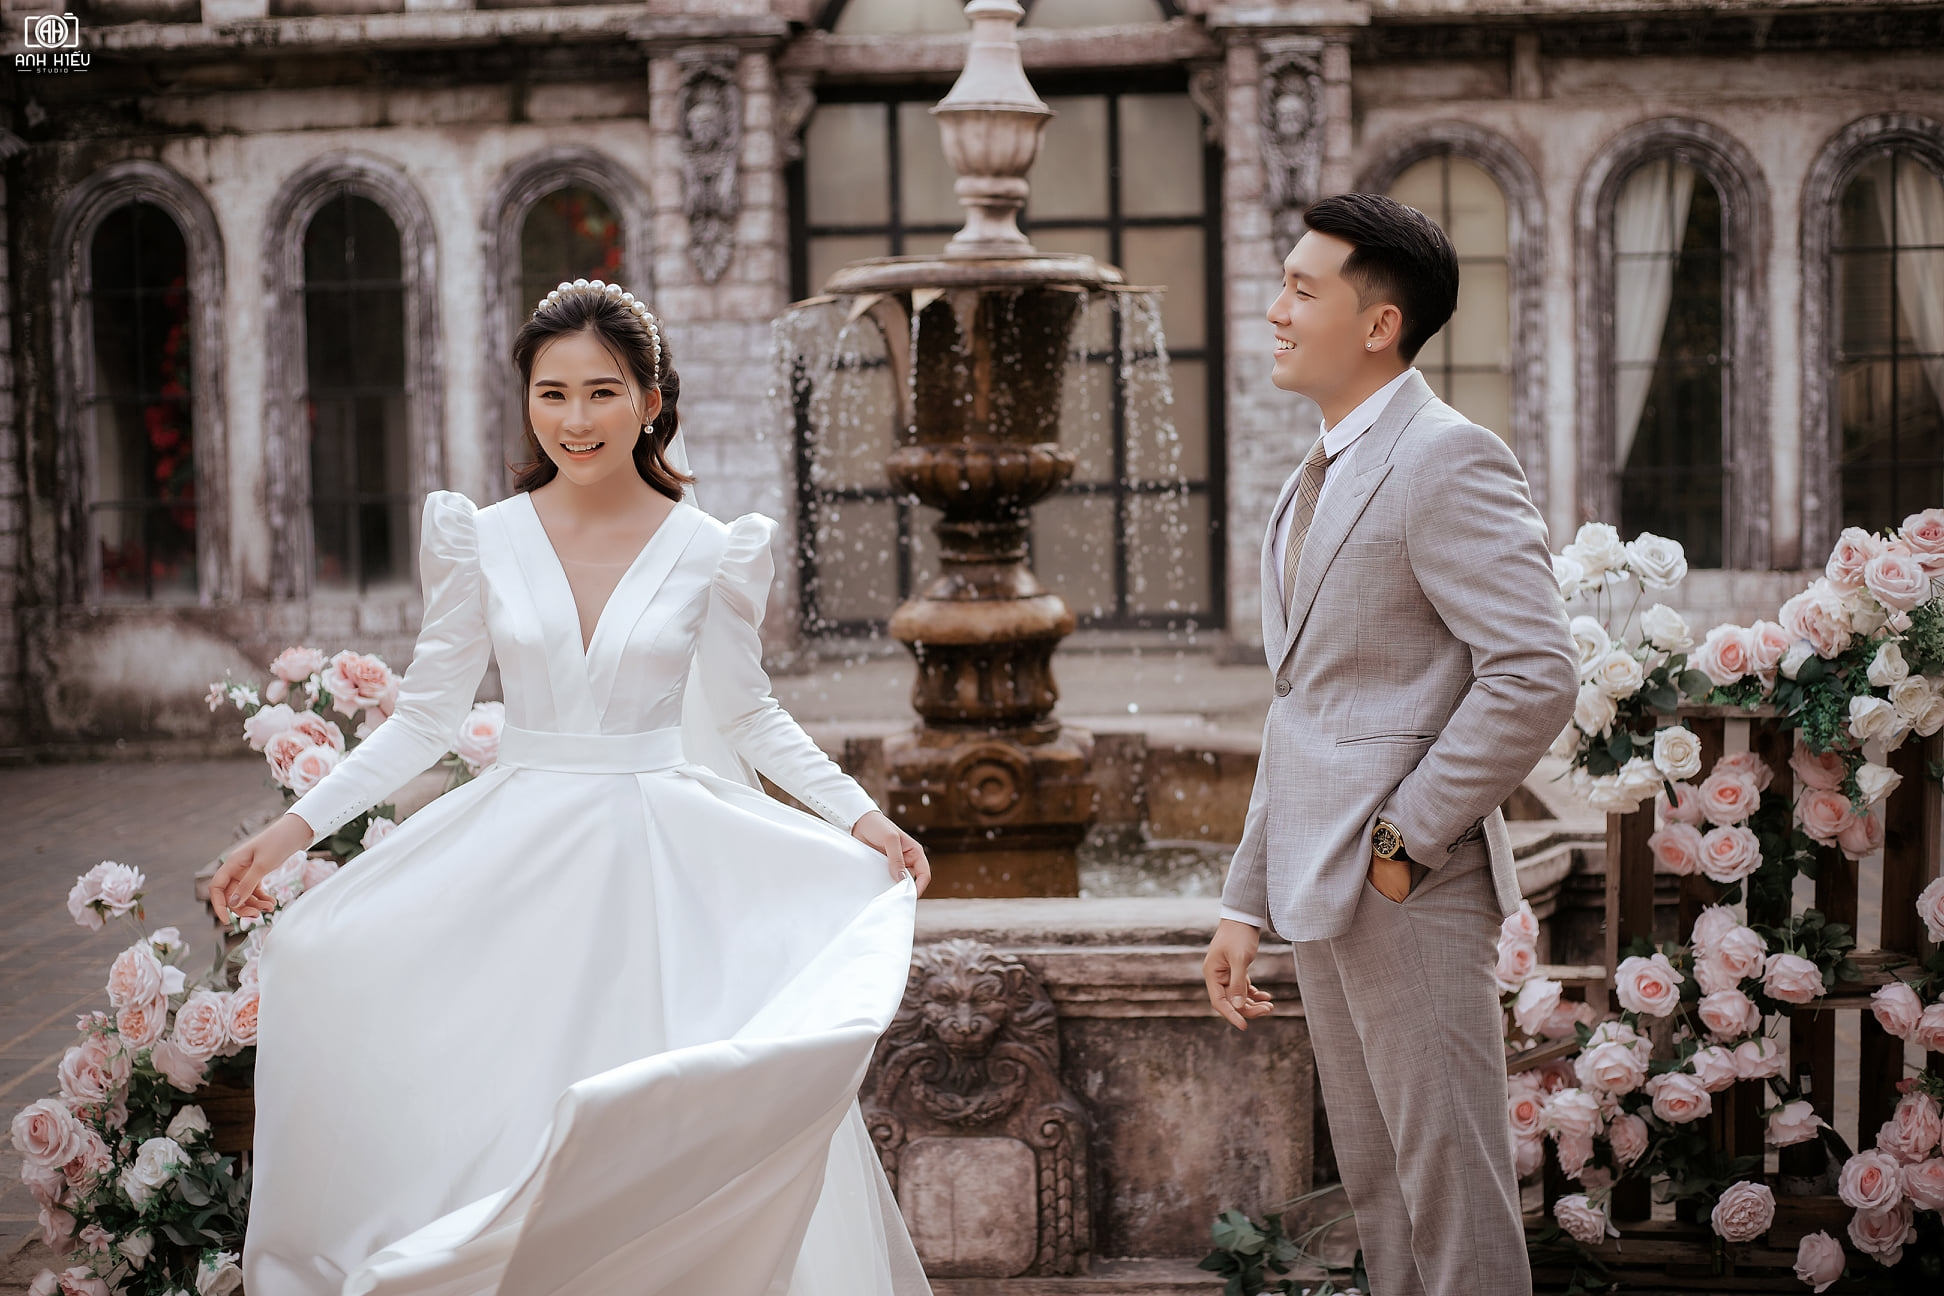 Hinh Cuoi Phim Truong Alibaba (23)